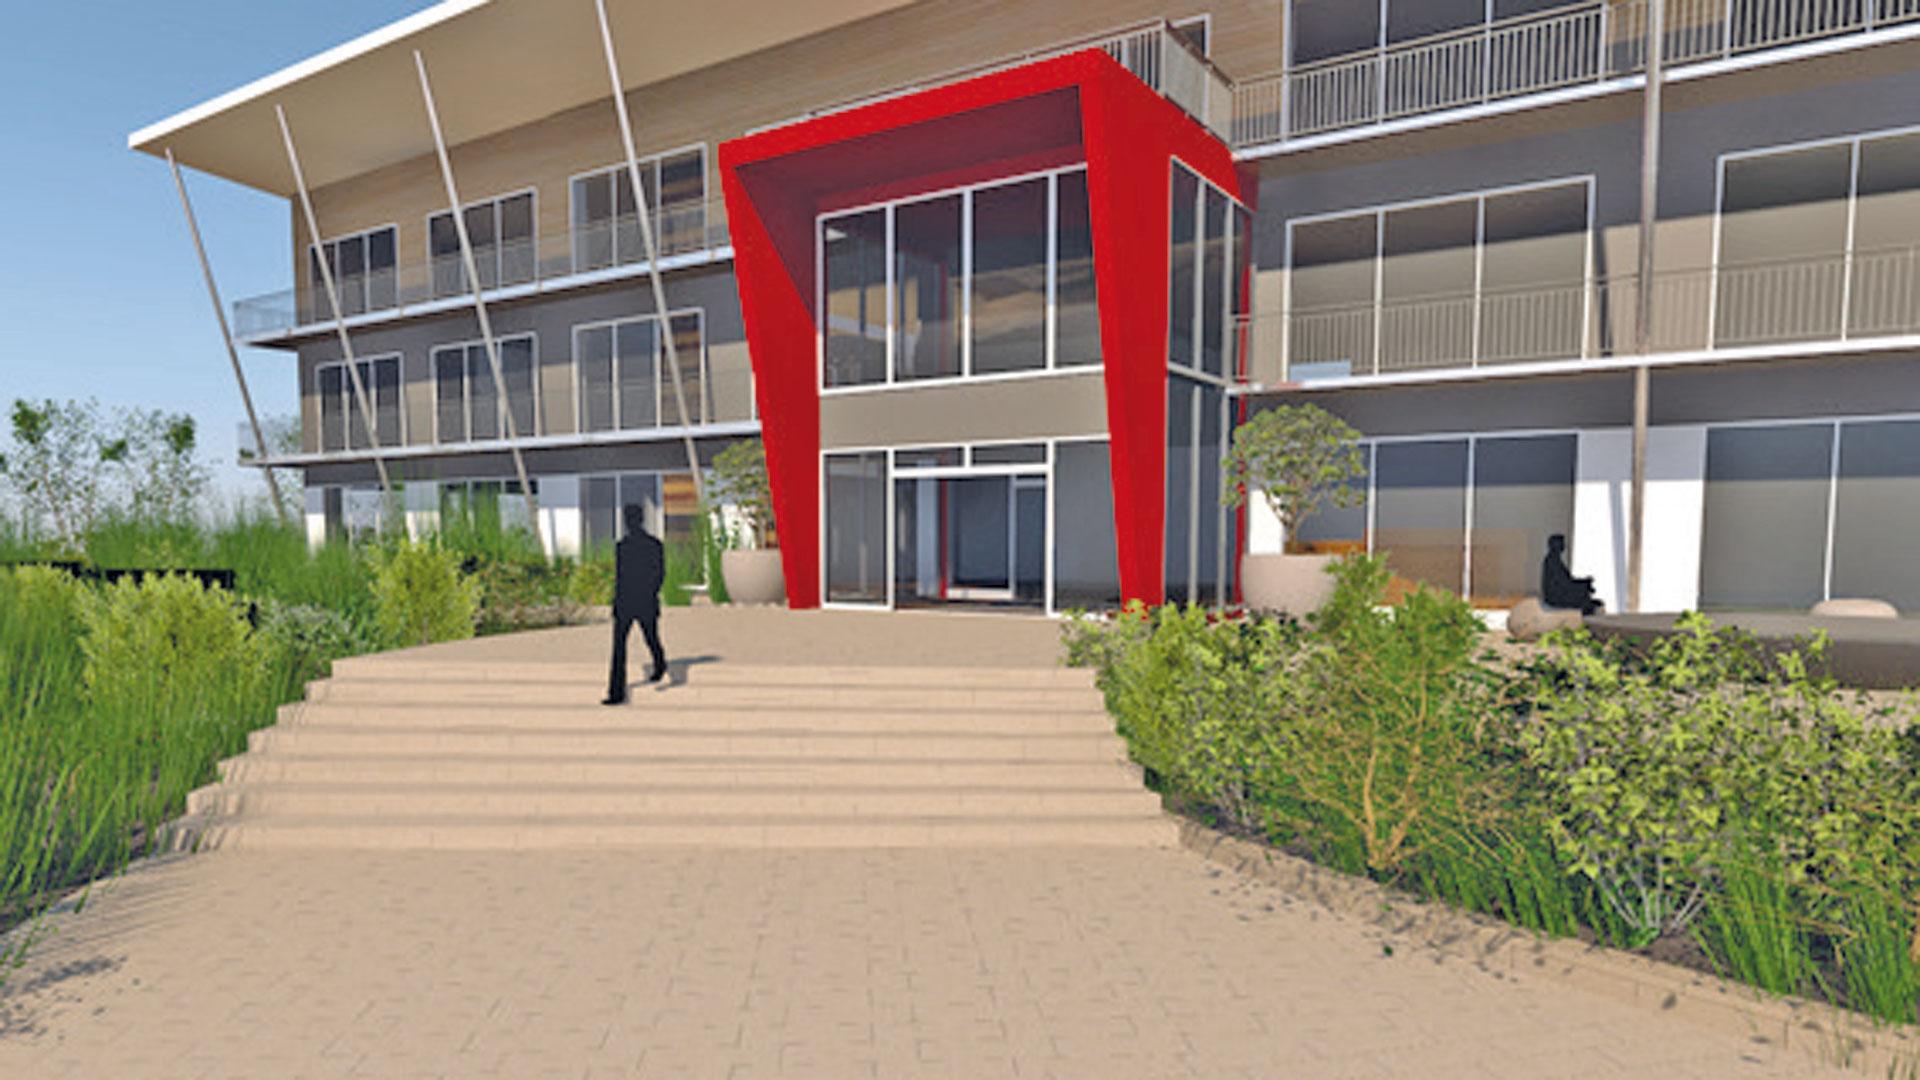 3D-Modell mit Außenansicht des Eingangsbereichs eines Firmengebäudes geplant durch das Architekturbüro atelier8 in Frankfurt